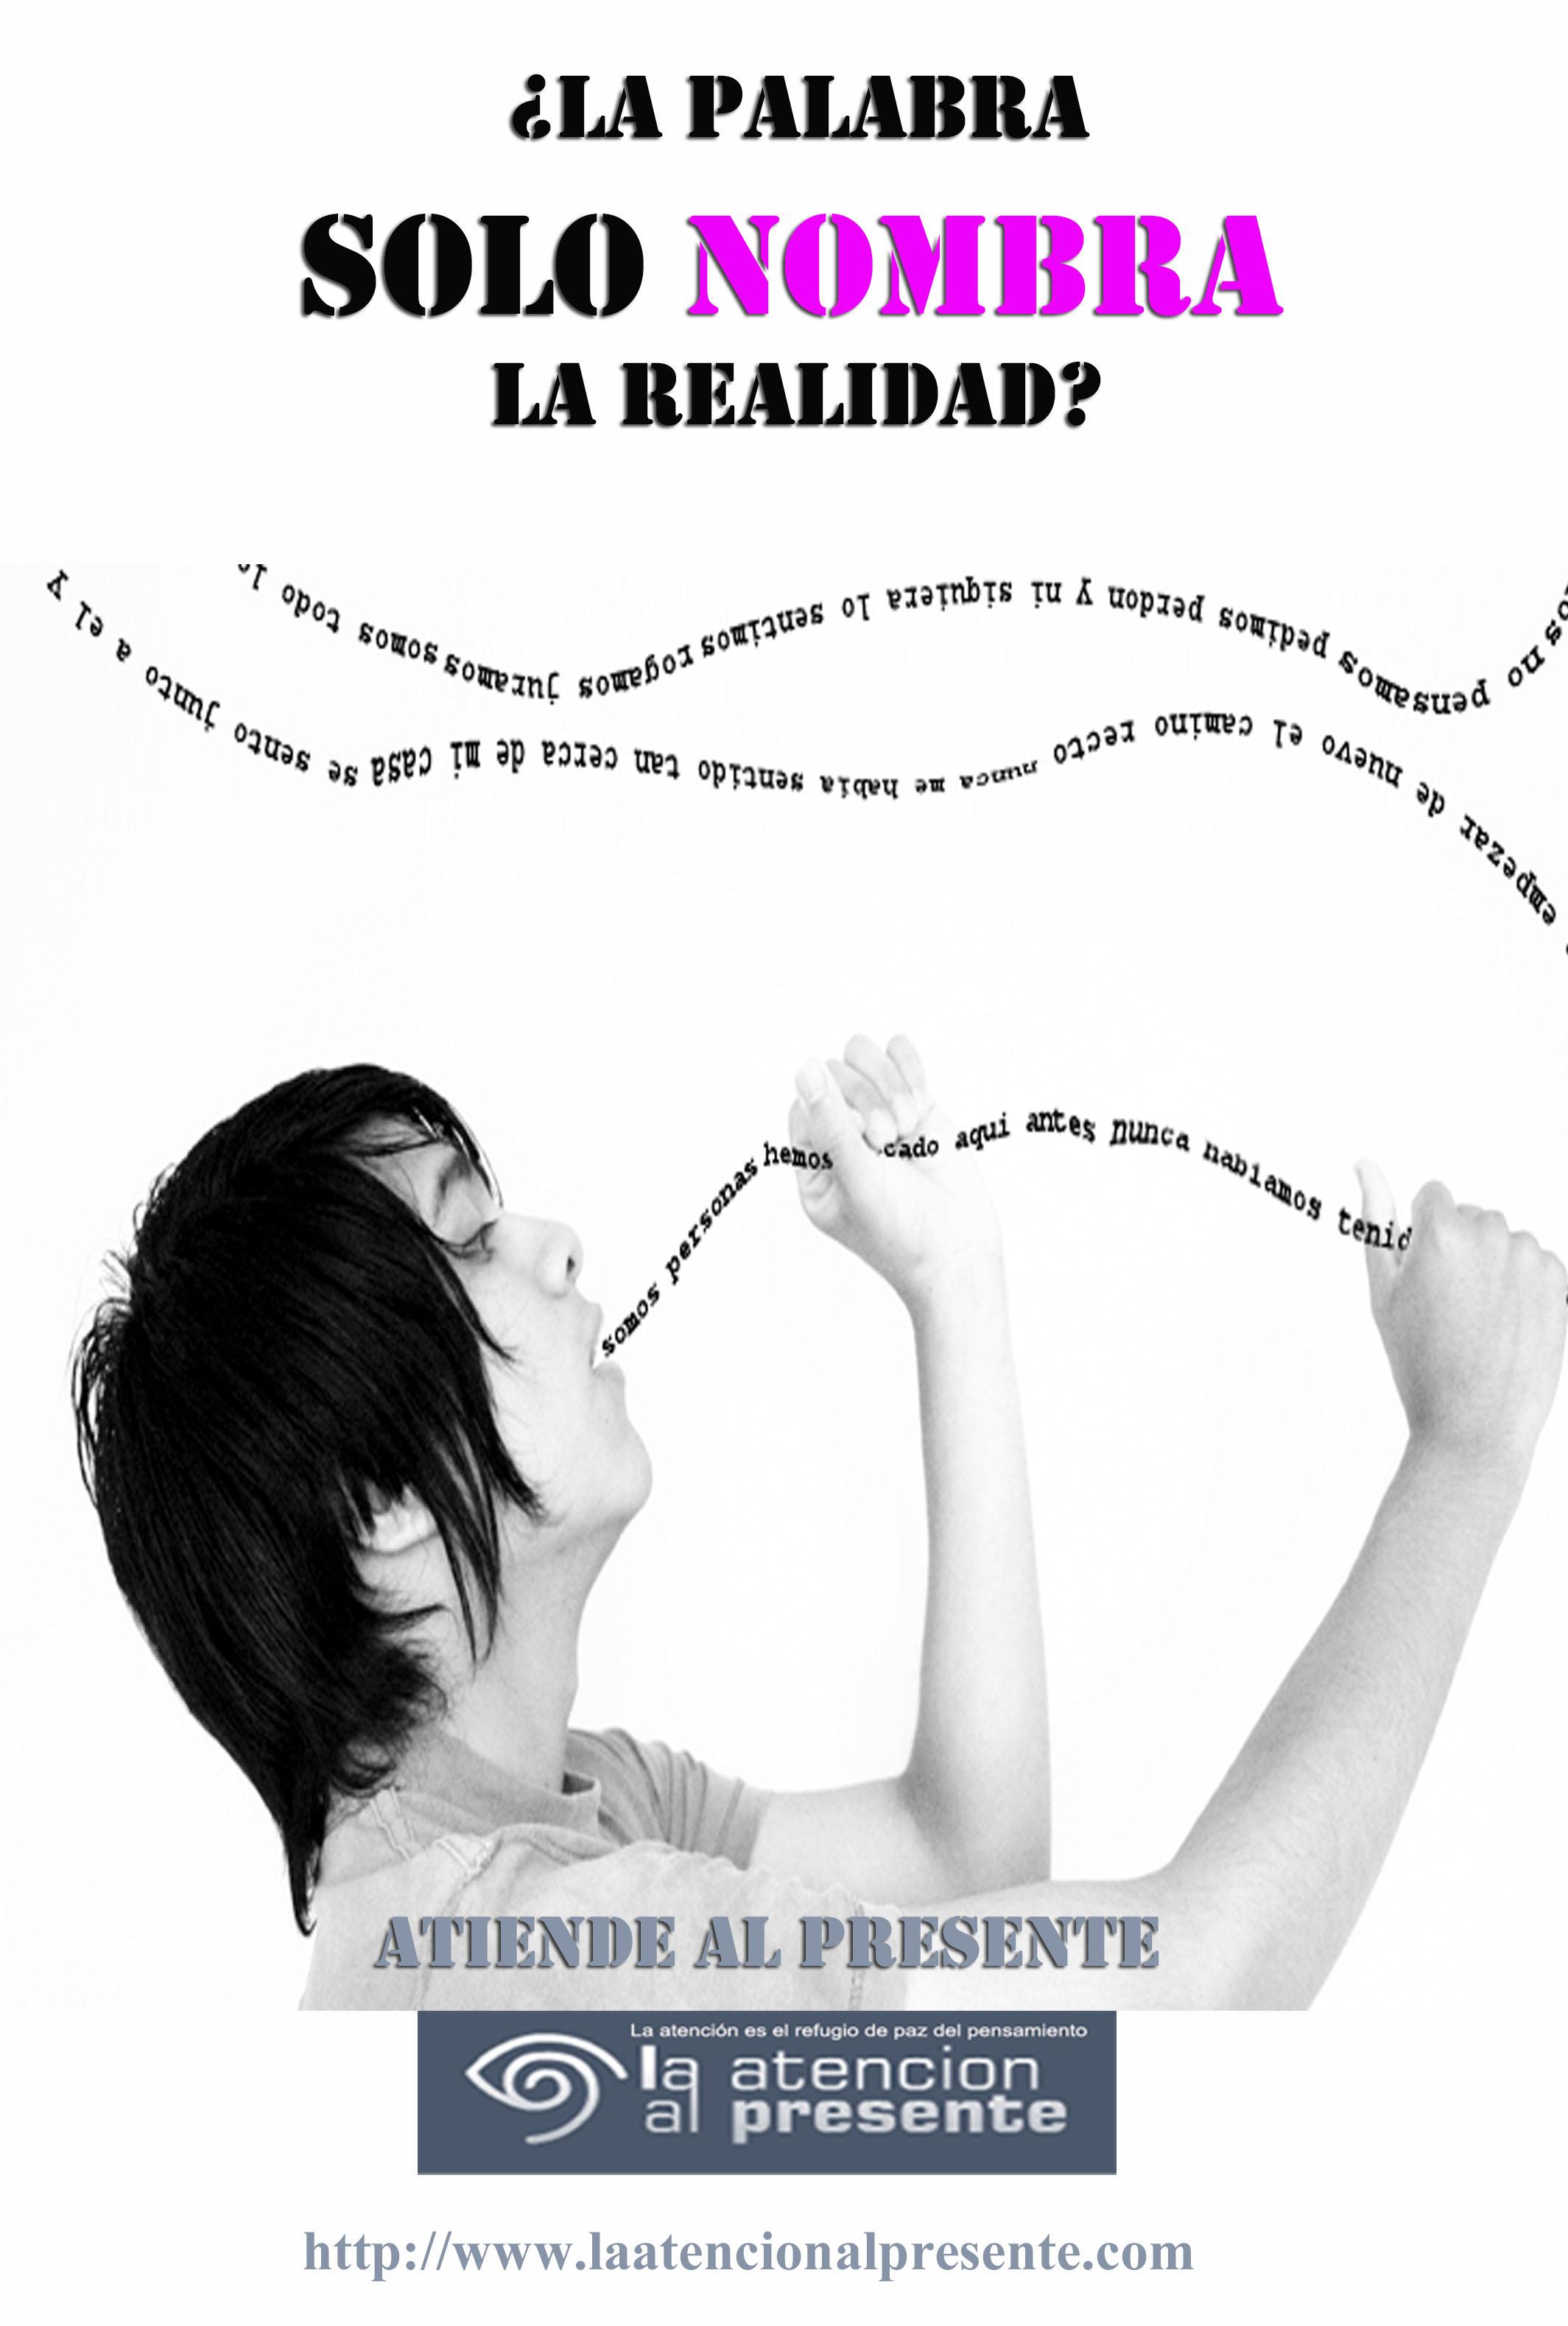 23 de julio Pepe La palabra solo nombra a la realidad